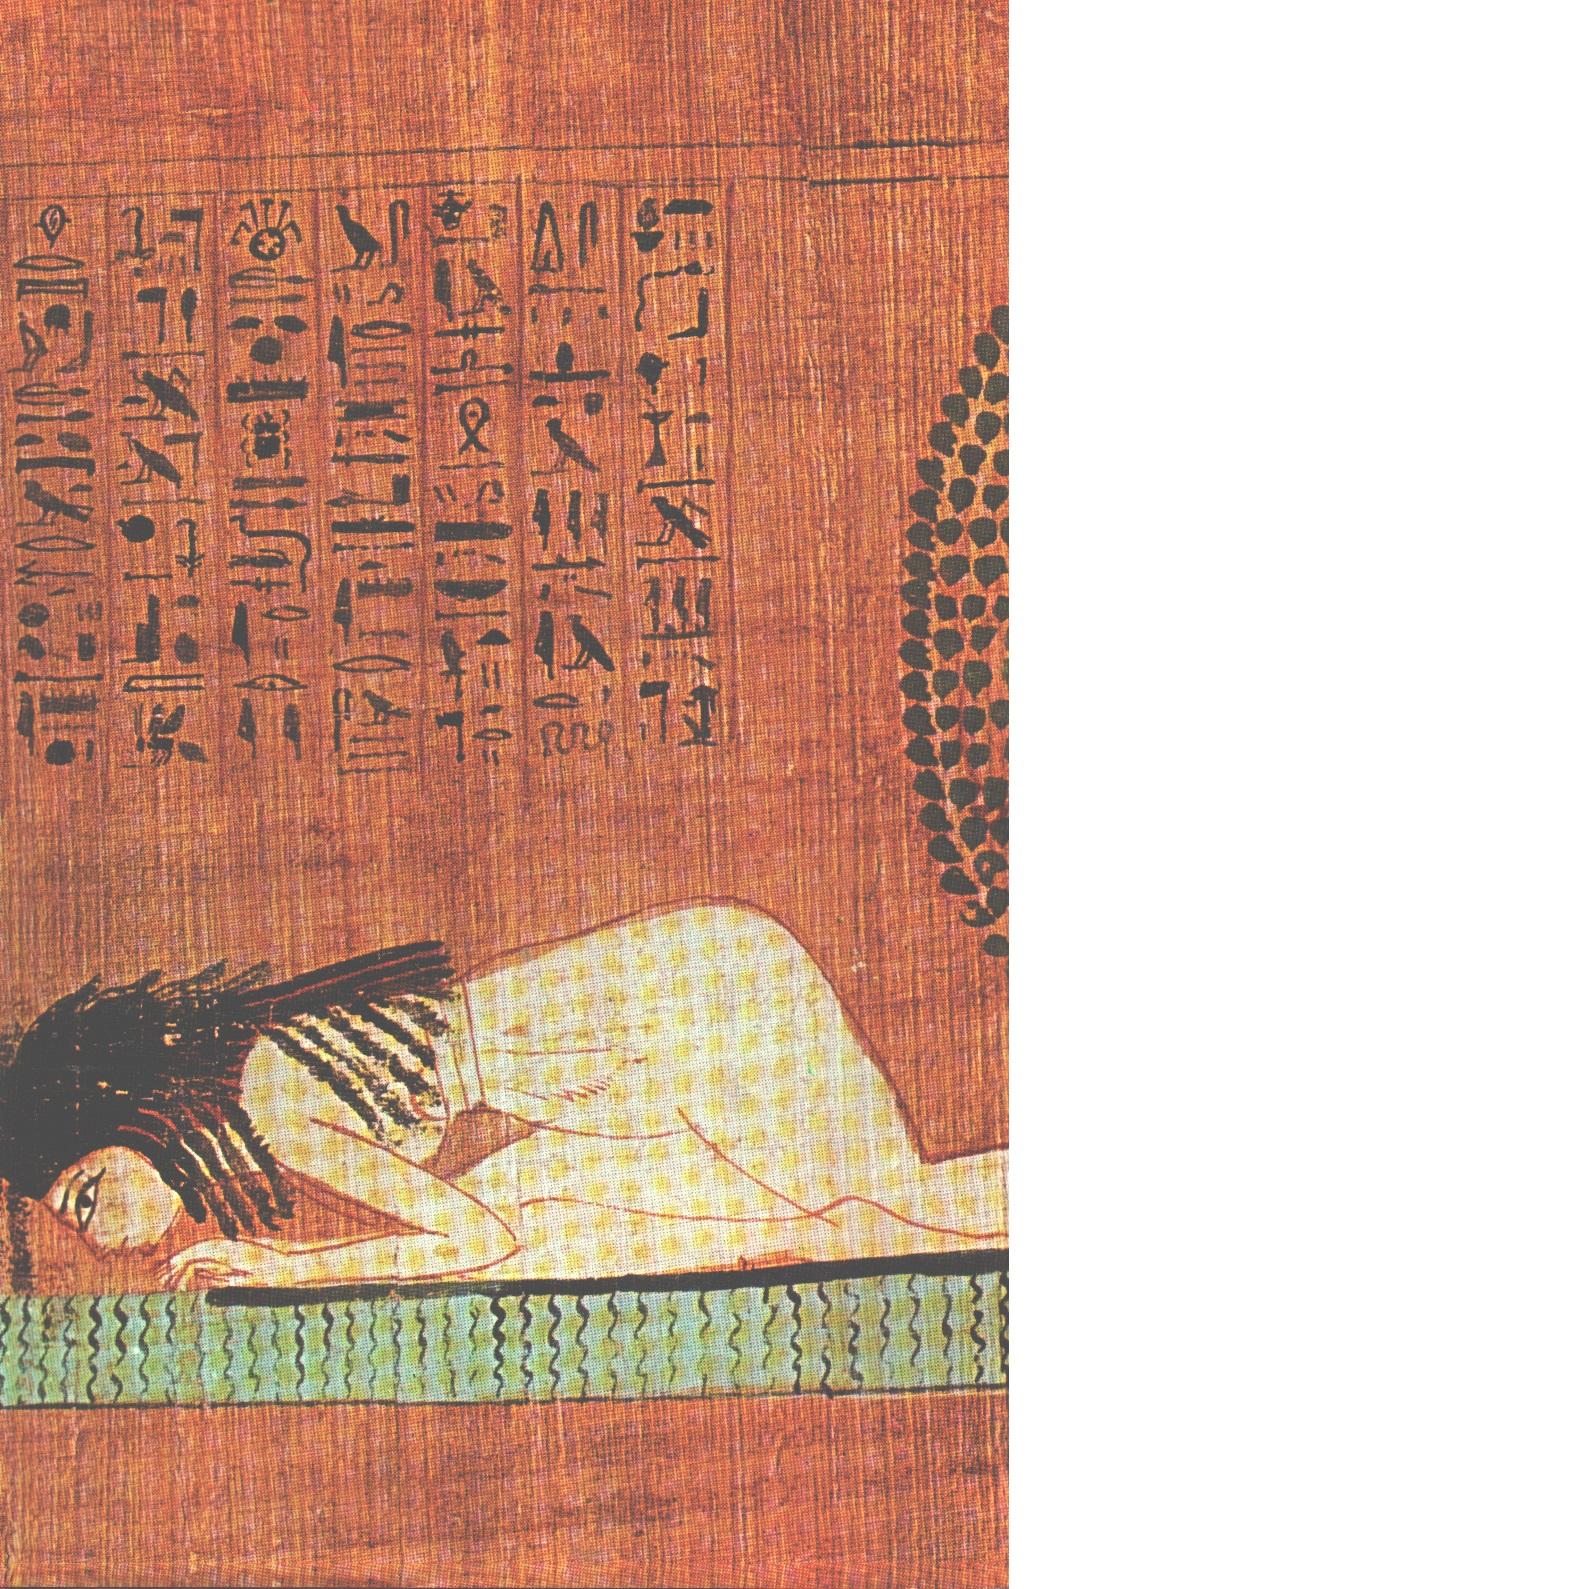 Egyptens och Orientens måleri Konstens världshistoria. 2 - Red. Schaeffner, Claude  och Nesrin, Hatice  samt Boulanger, Robert